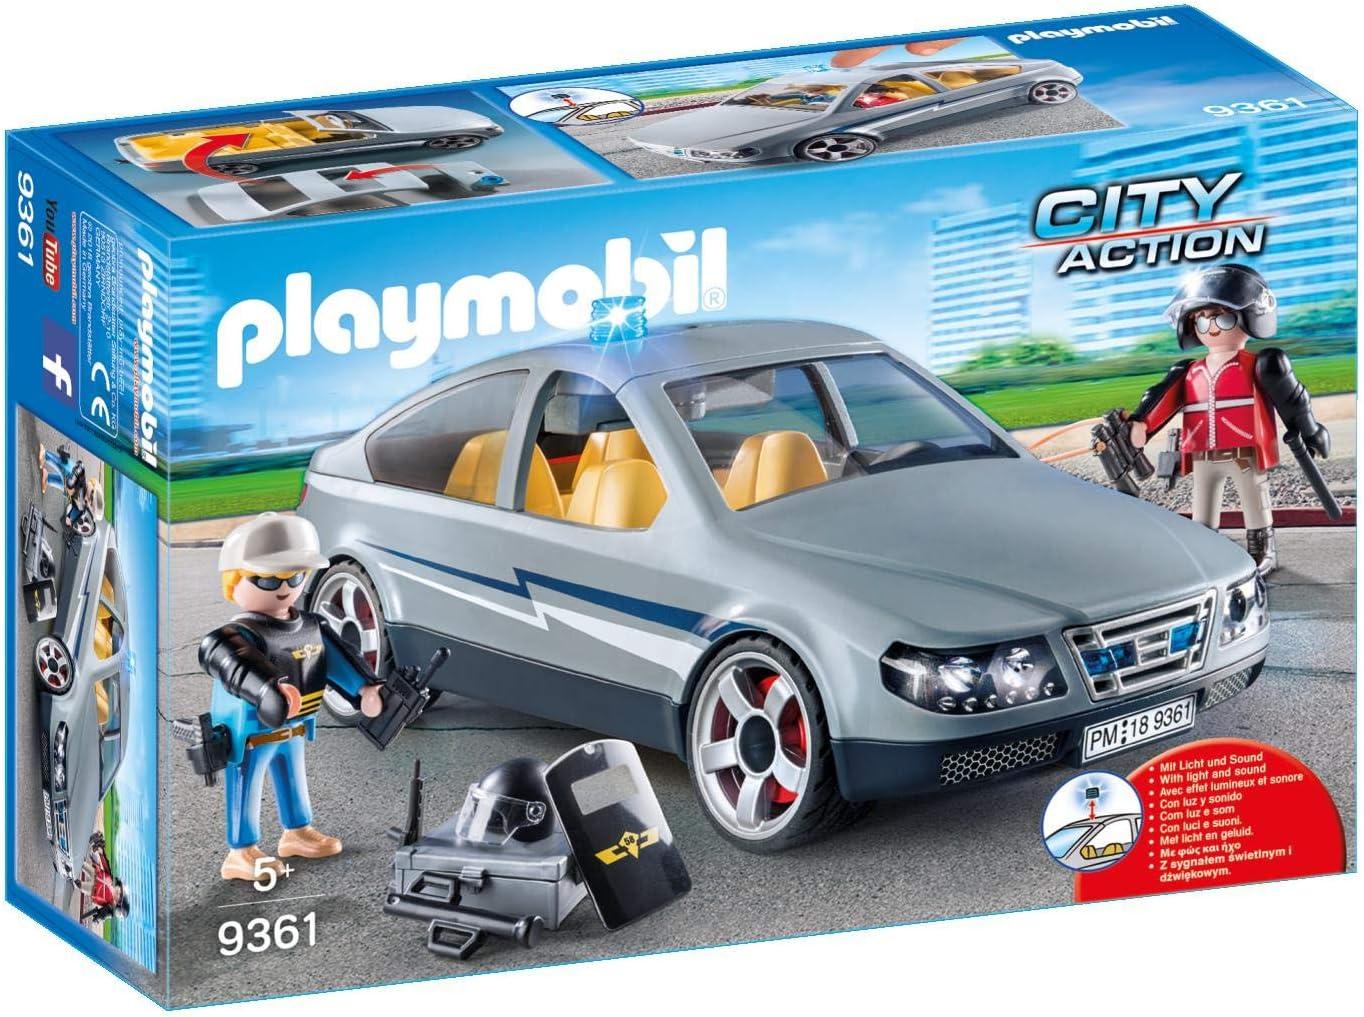 PLAYMOBIL City Action Coche Civil de las Fuerzas Especiales, a Partir de 5 Años (9361)